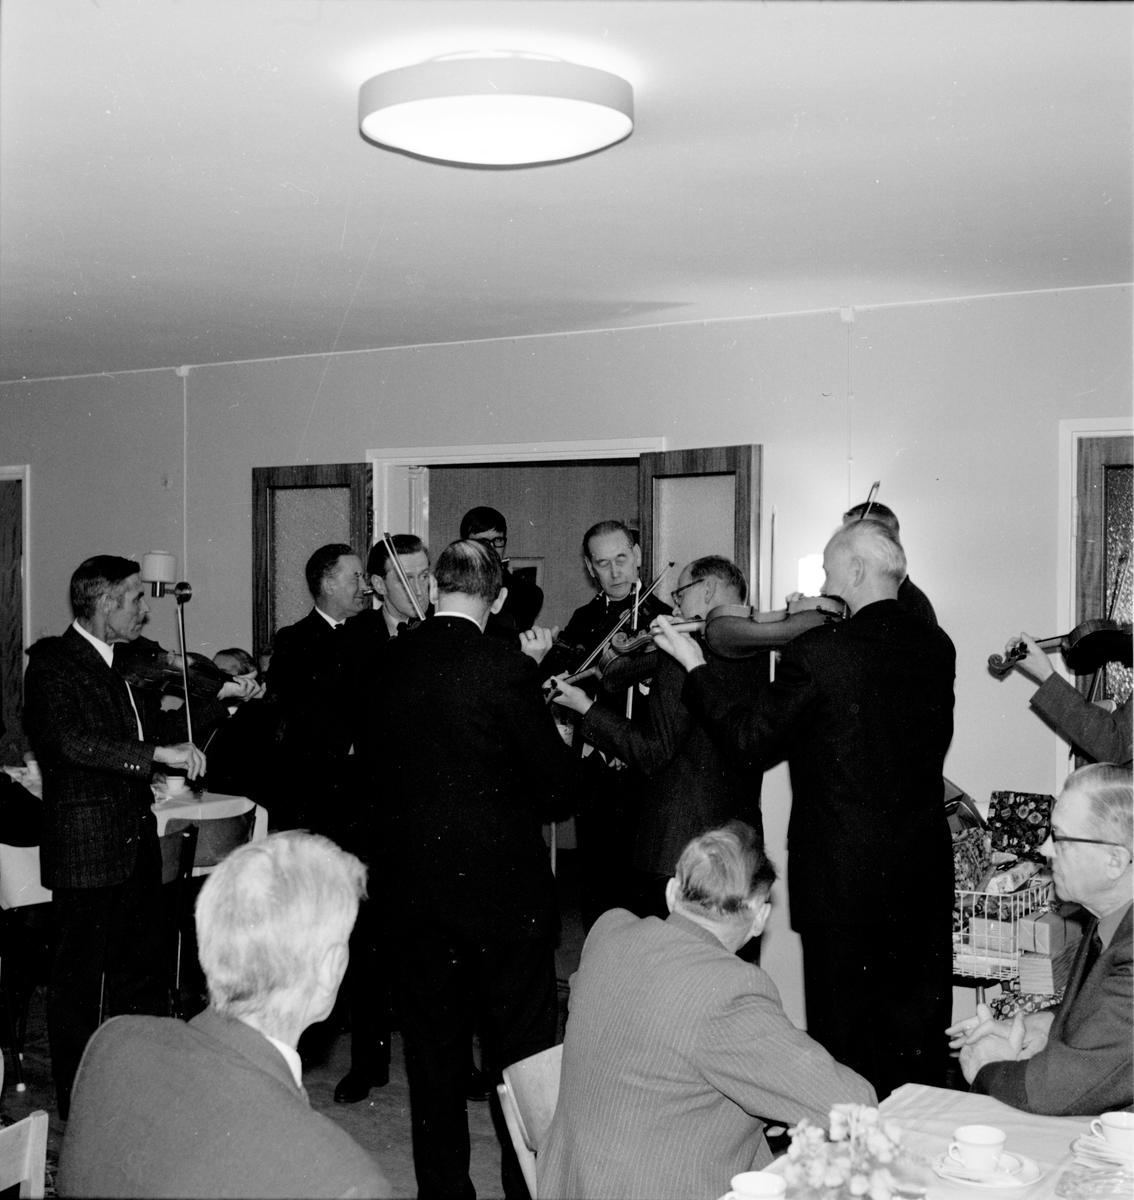 Arbrå, Csardasfurstinnan hos Oscar på Vågen, 16 Januari 1969